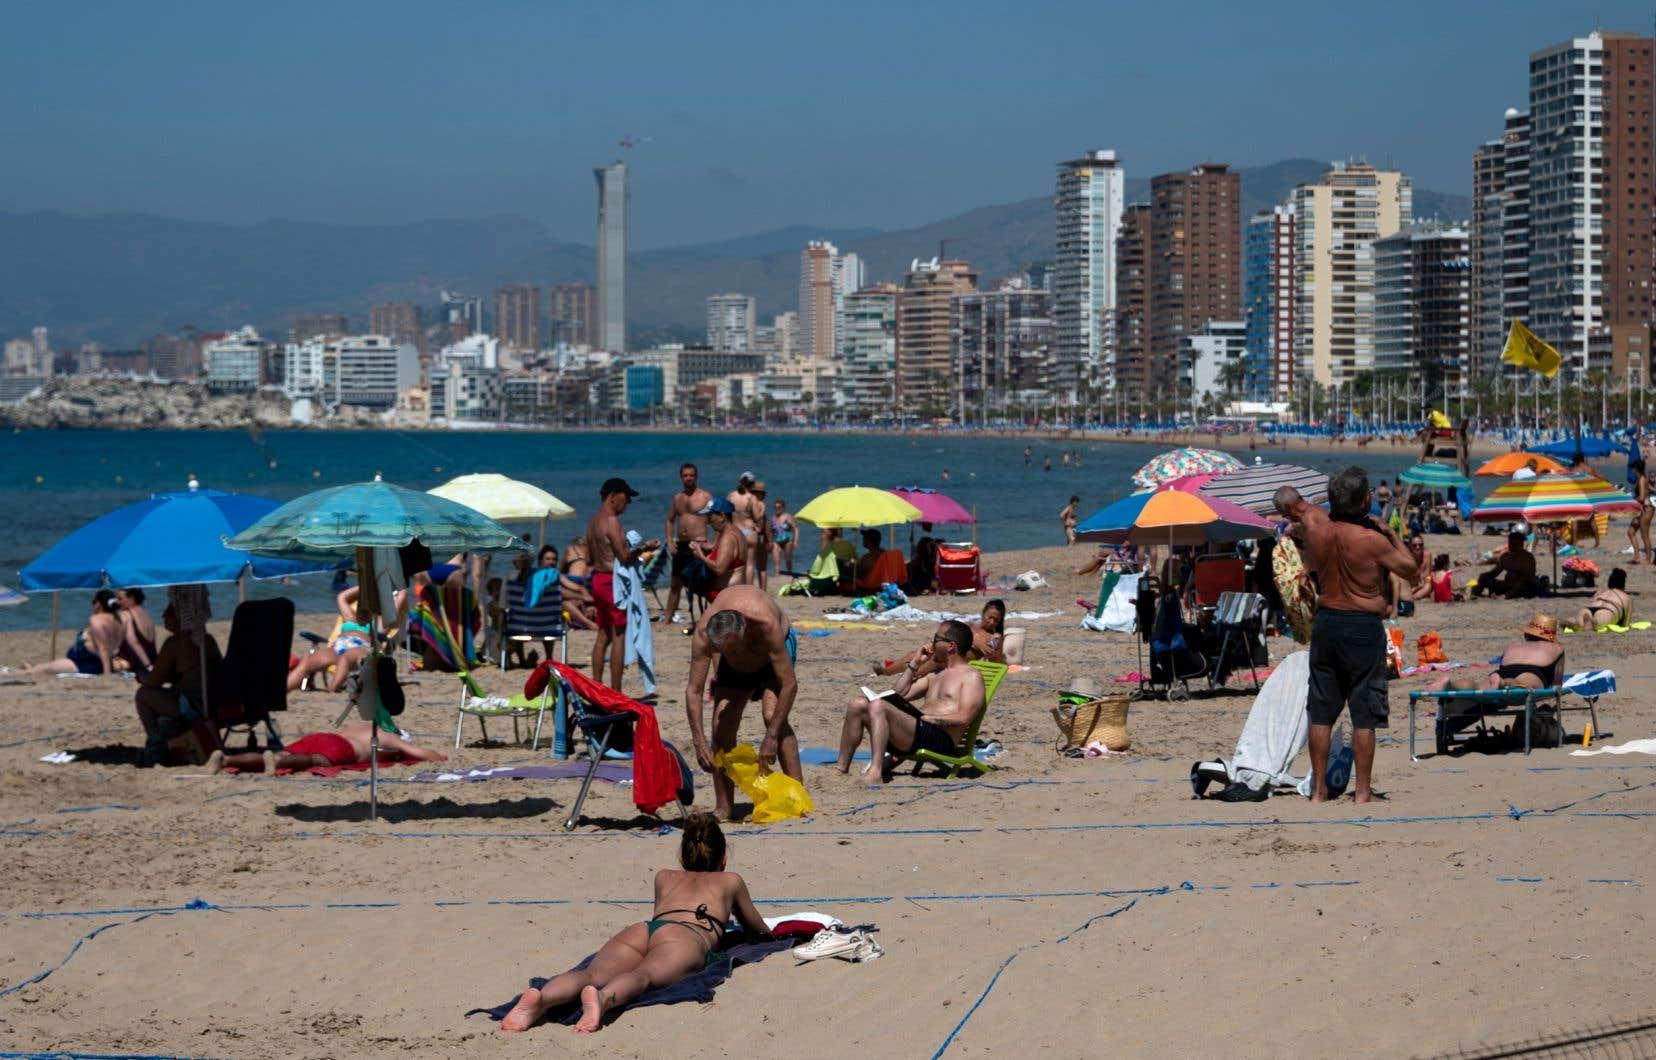 Les vacanciers doivent occuper des espaces délimités sur la plage.